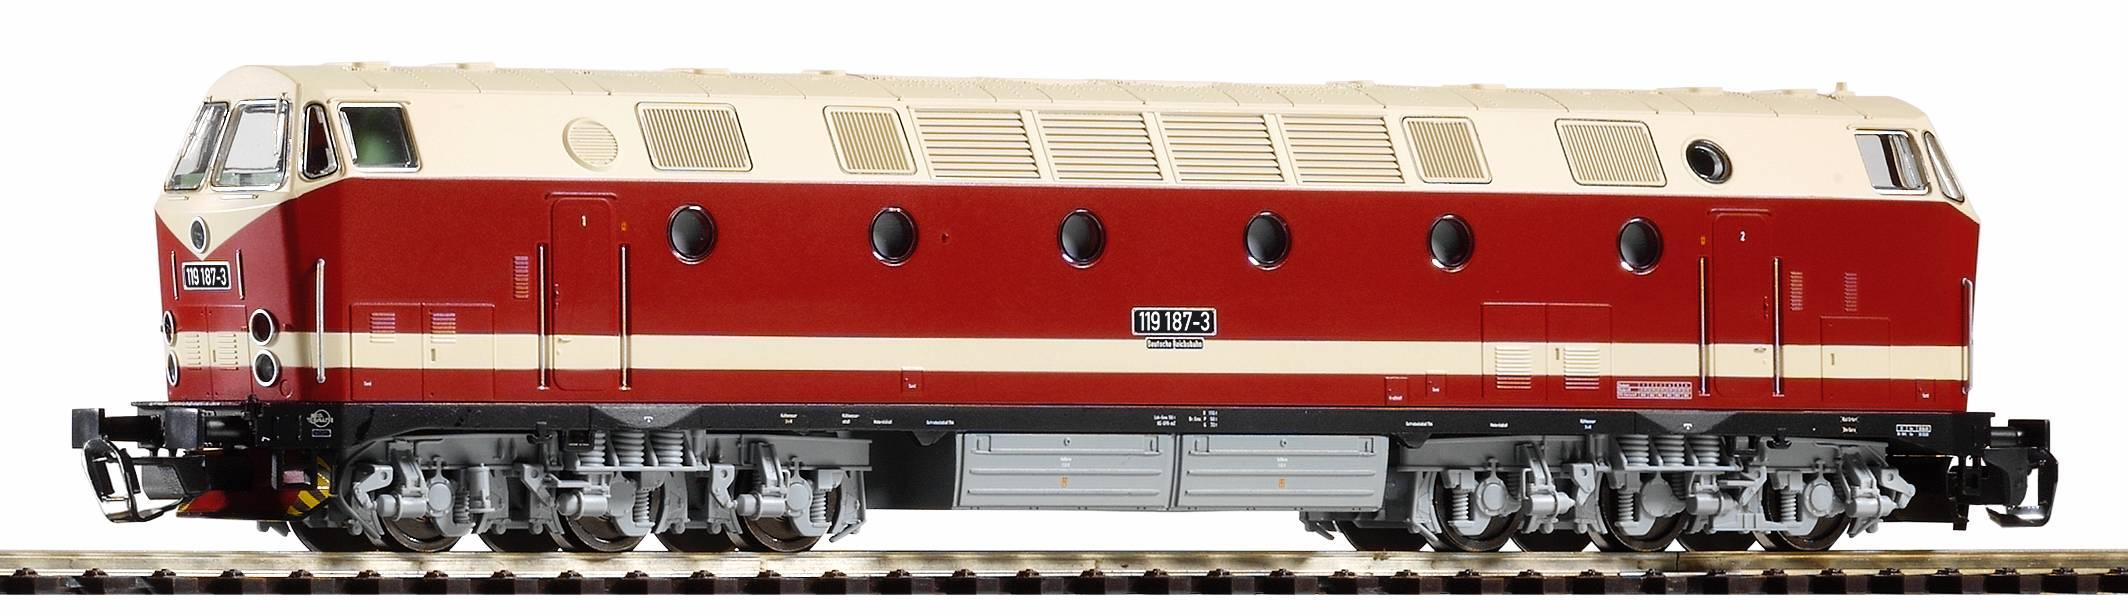 Piko Dieselová lokomotiva vč. dig. dekodéru BR 119 DR IV - 47345